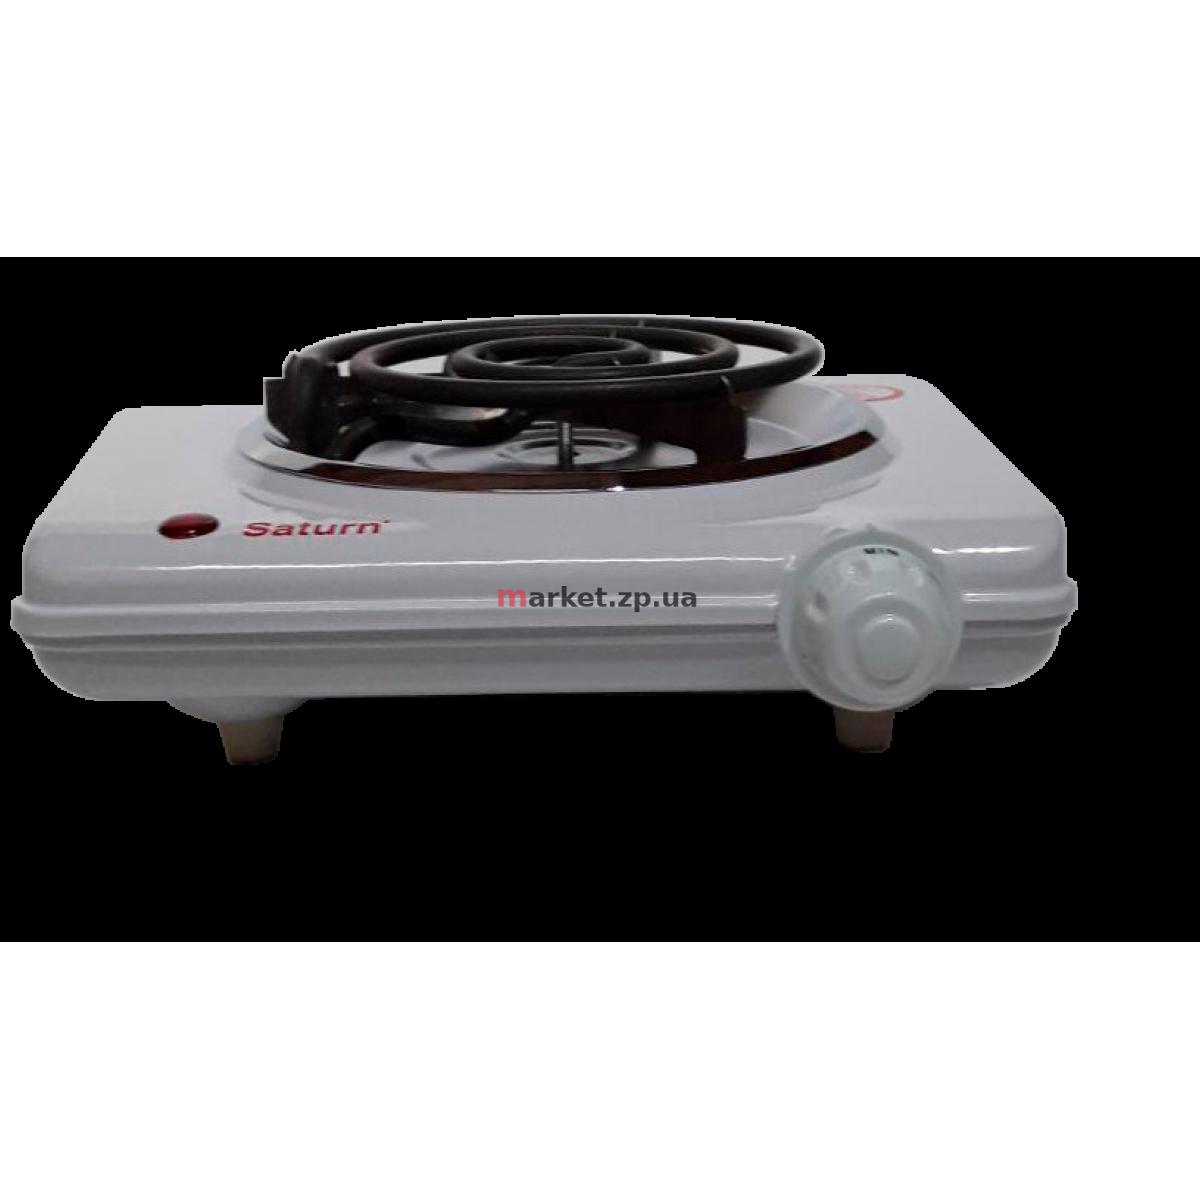 Плита электрическая настольная SATURN ST-EC1165